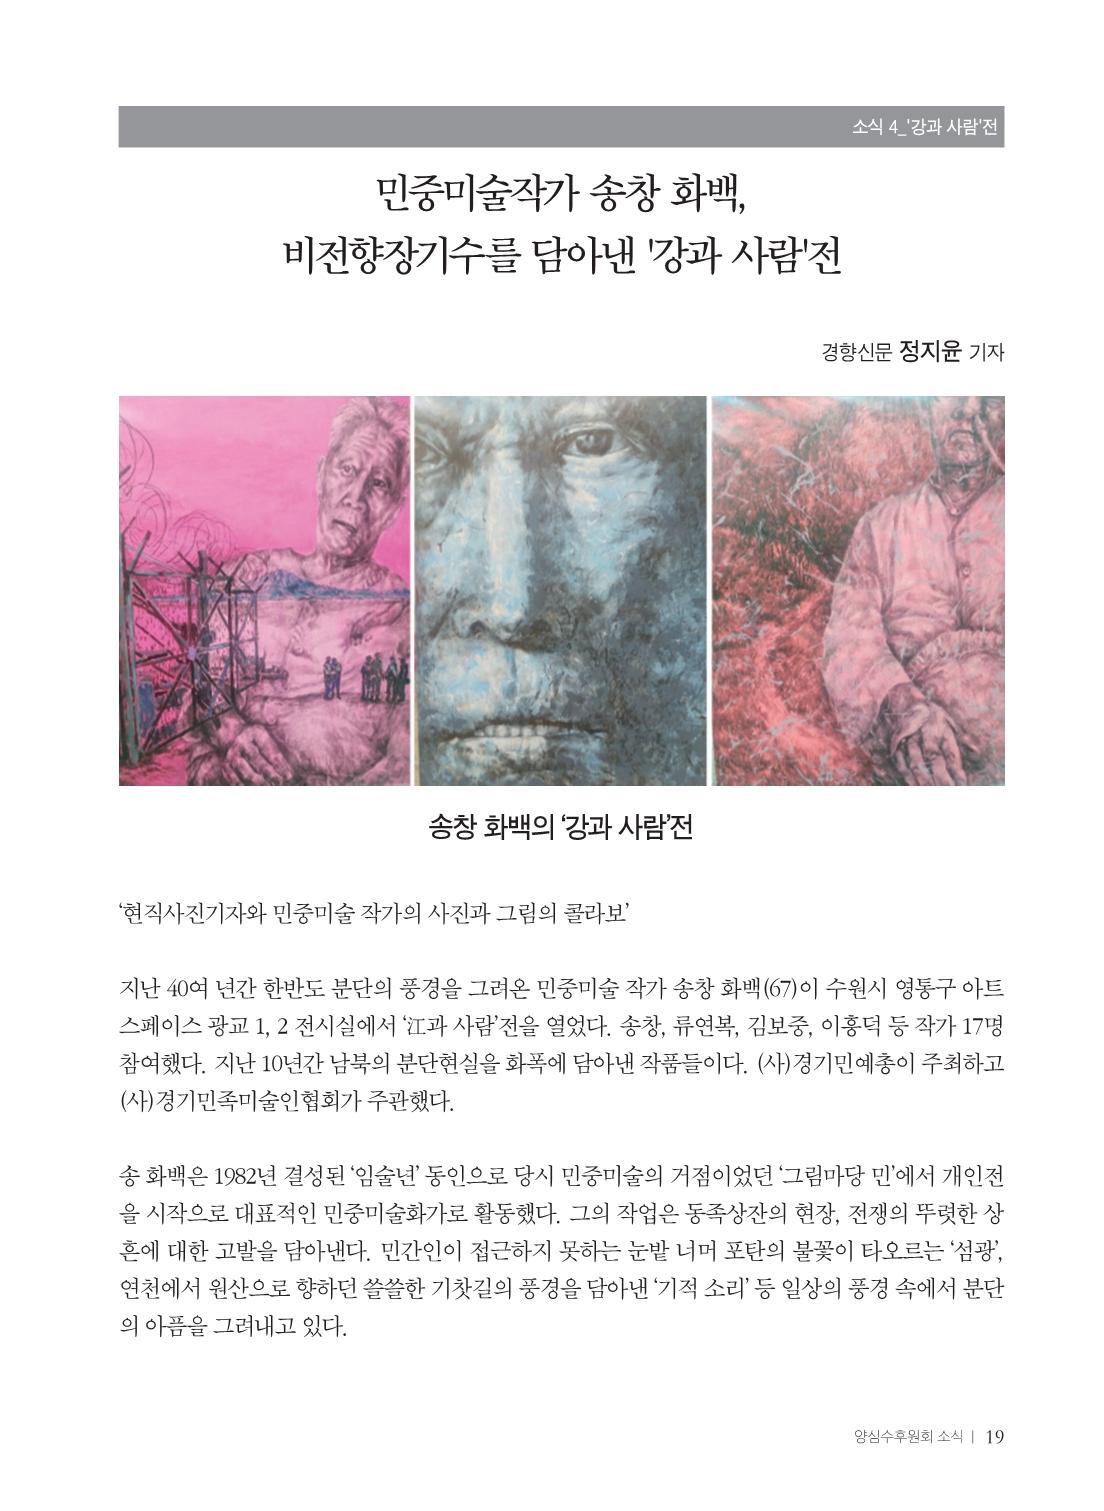 154780e2-c93e-4795-937d-bbcc14642e29.pdf-0021.jpg